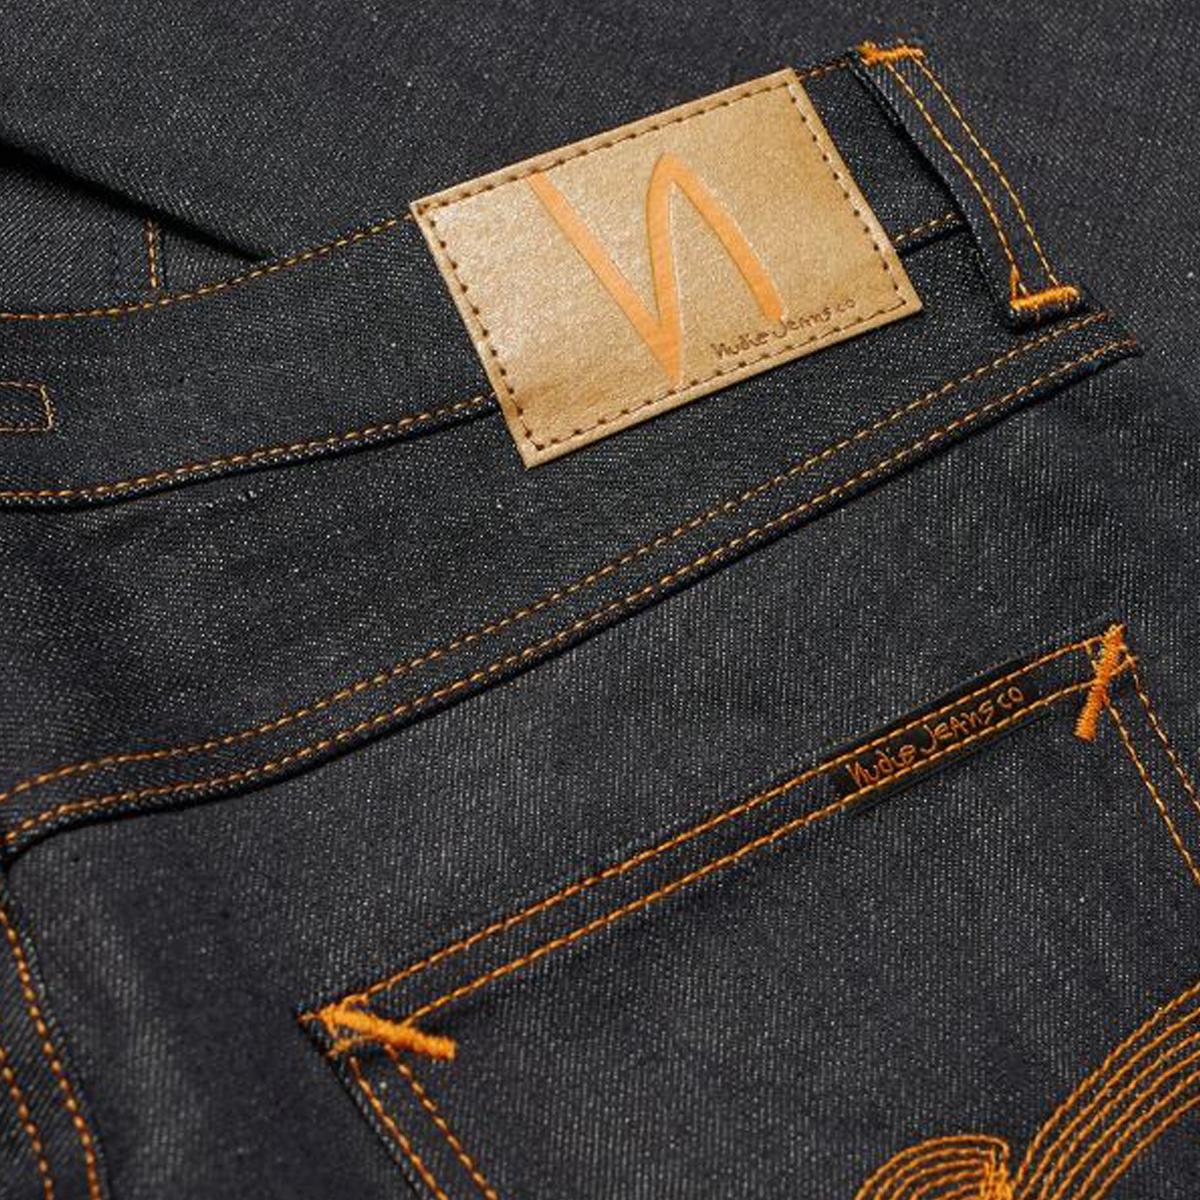 Nudie Jeans Co Steady Eddie II Dry Selvage L30